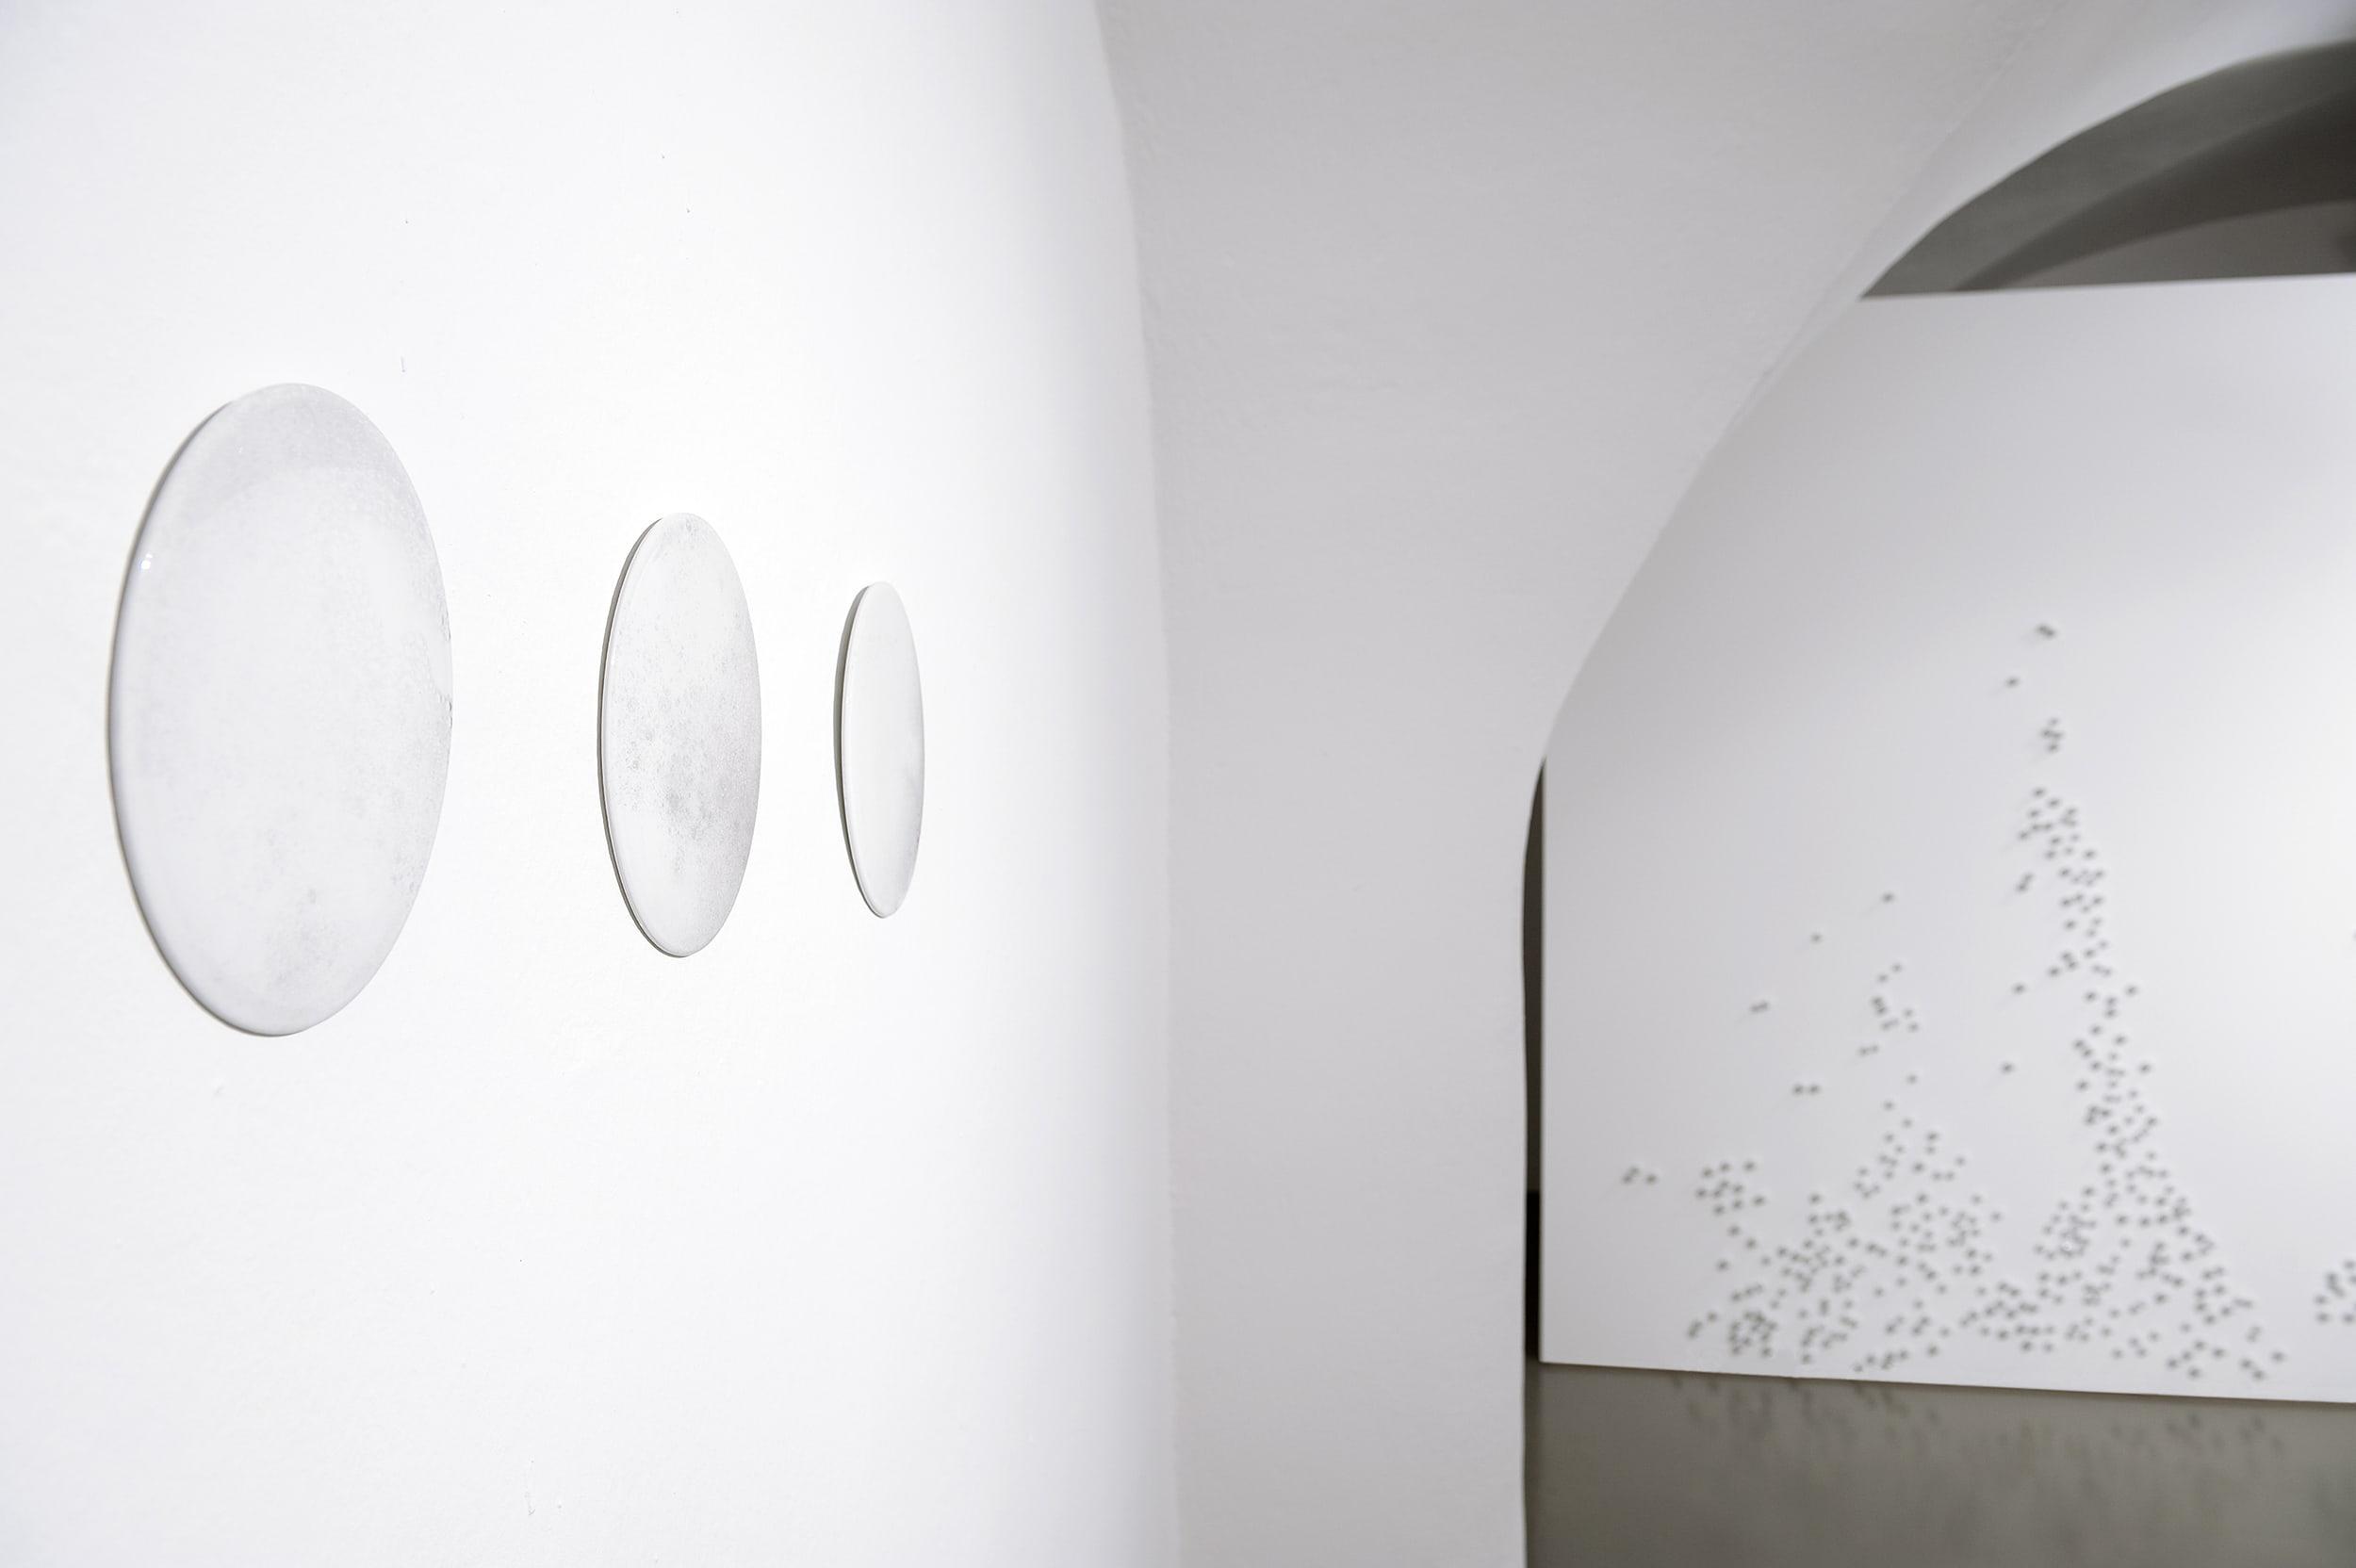 Katharina-Stiglitz-Souvenir-1-13